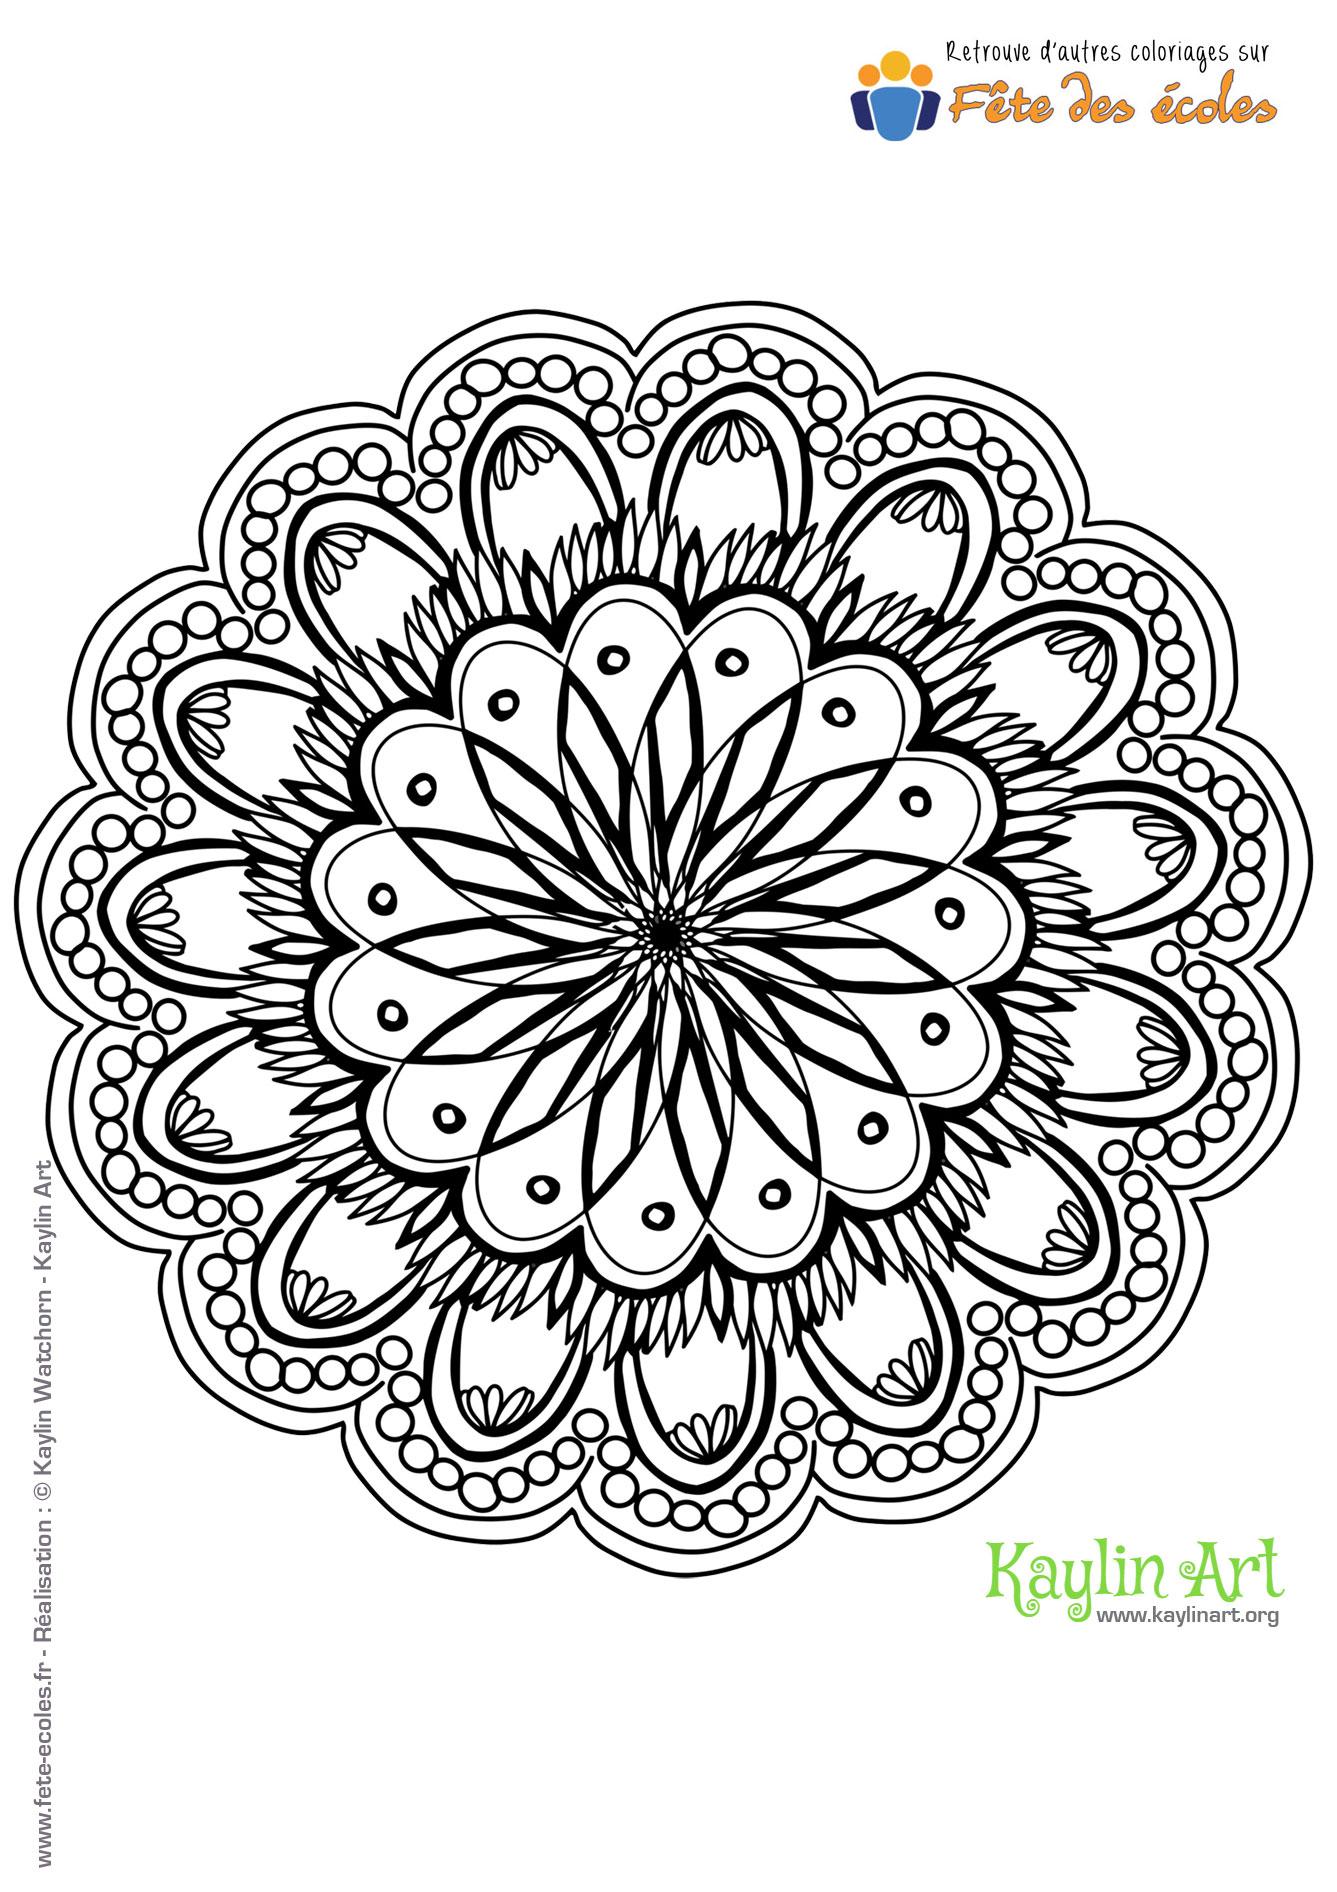 Coloriage mandala fleurs - Coloriage fleur mandala ...